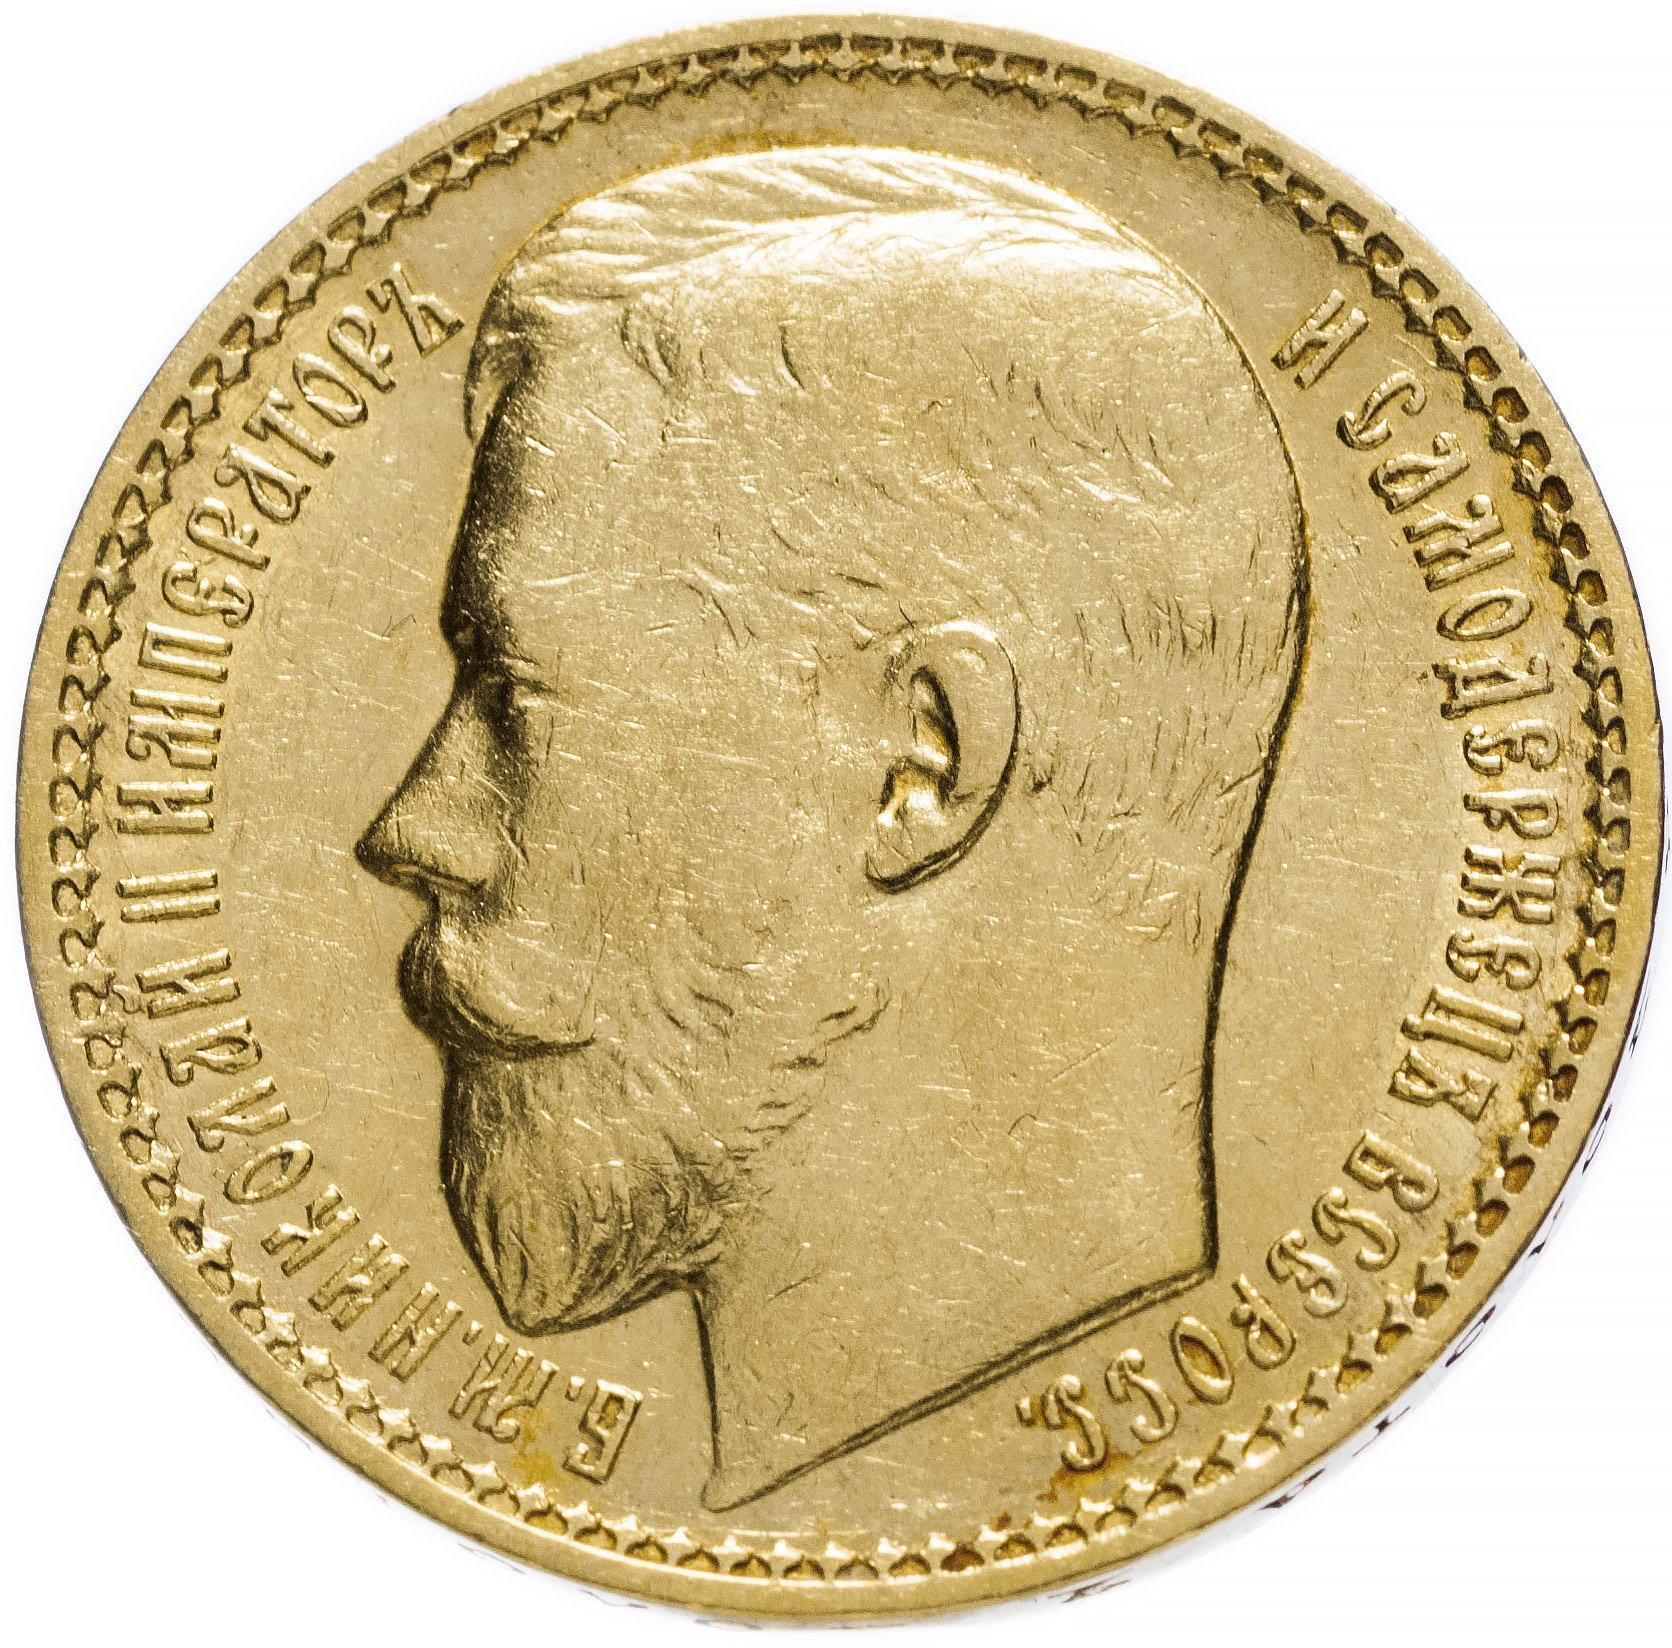 15 рублей 1897 росс заходит за обрез шеи стоимость редких монет россии на 2017